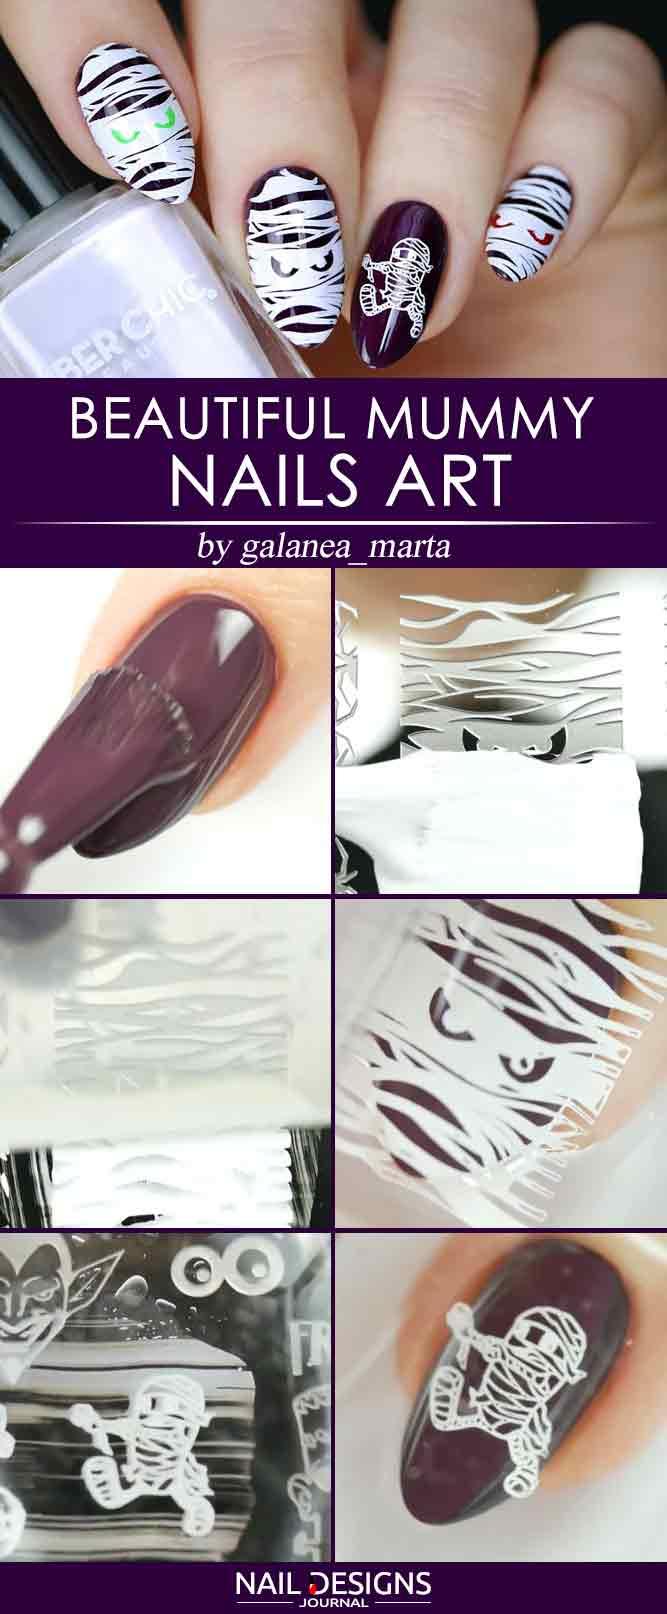 Beautiful Mummy Nails Art